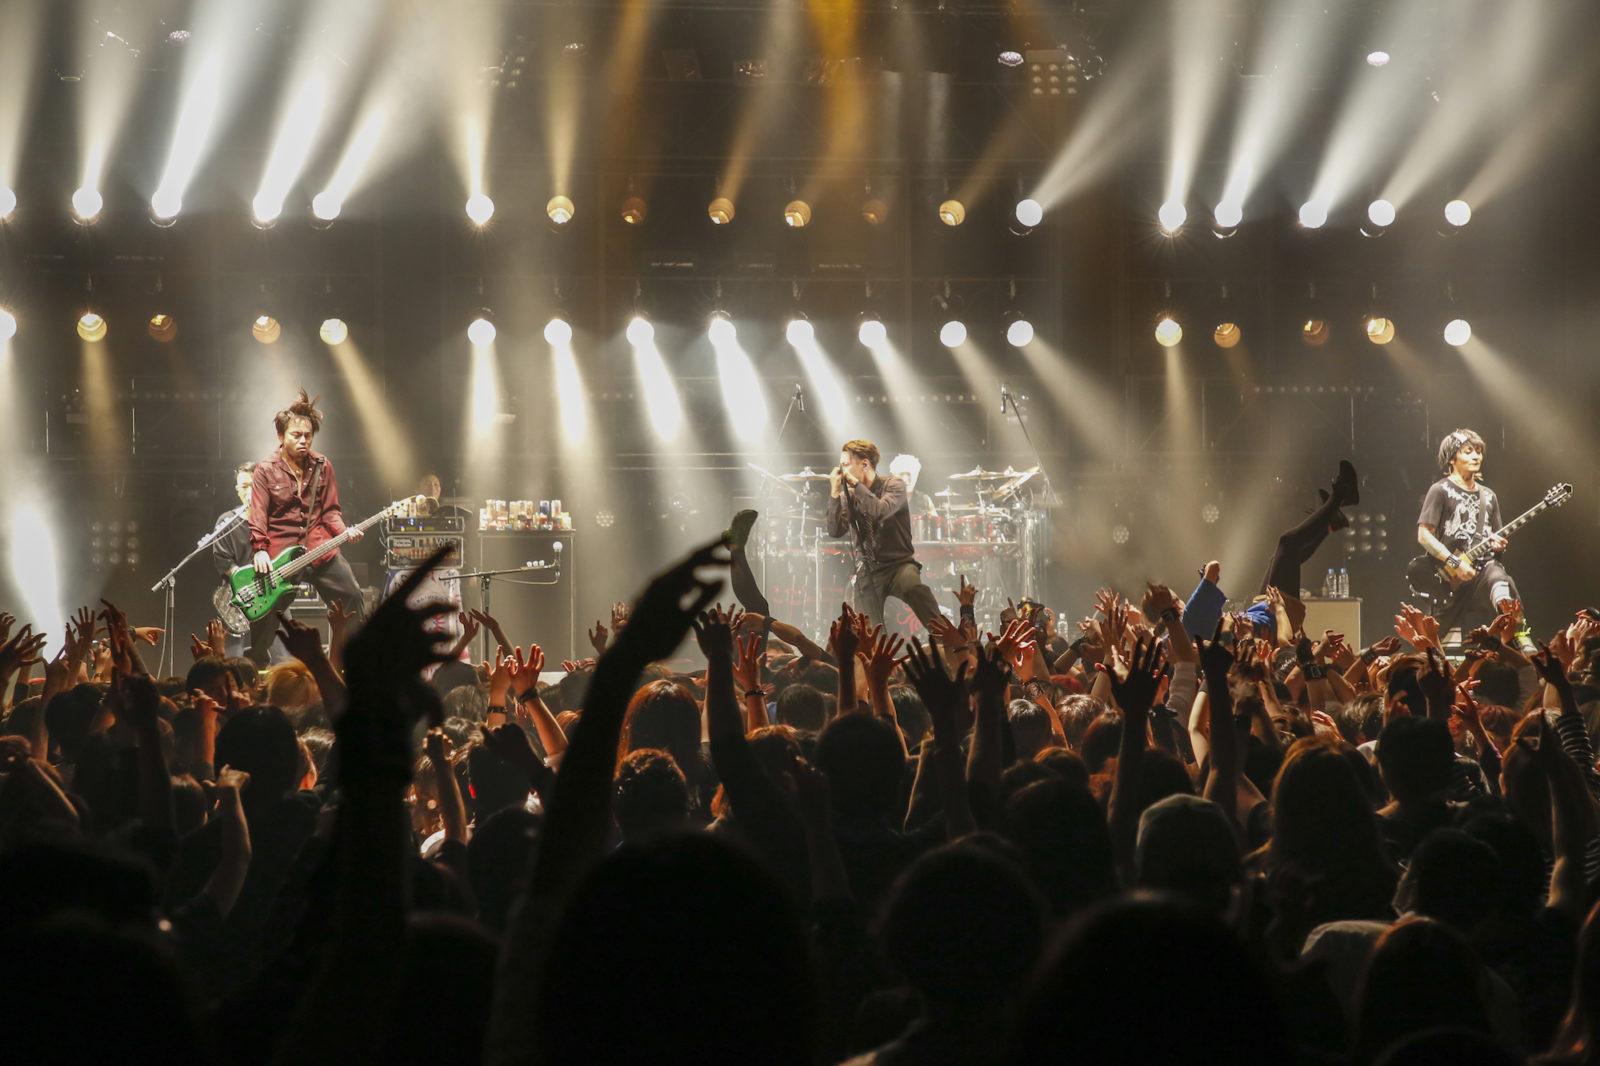 20周年ツアーでOBLIVION DUSTが手に入れた進化とは?バンドの勢いは、とどまる事なく次のステップへサムネイル画像